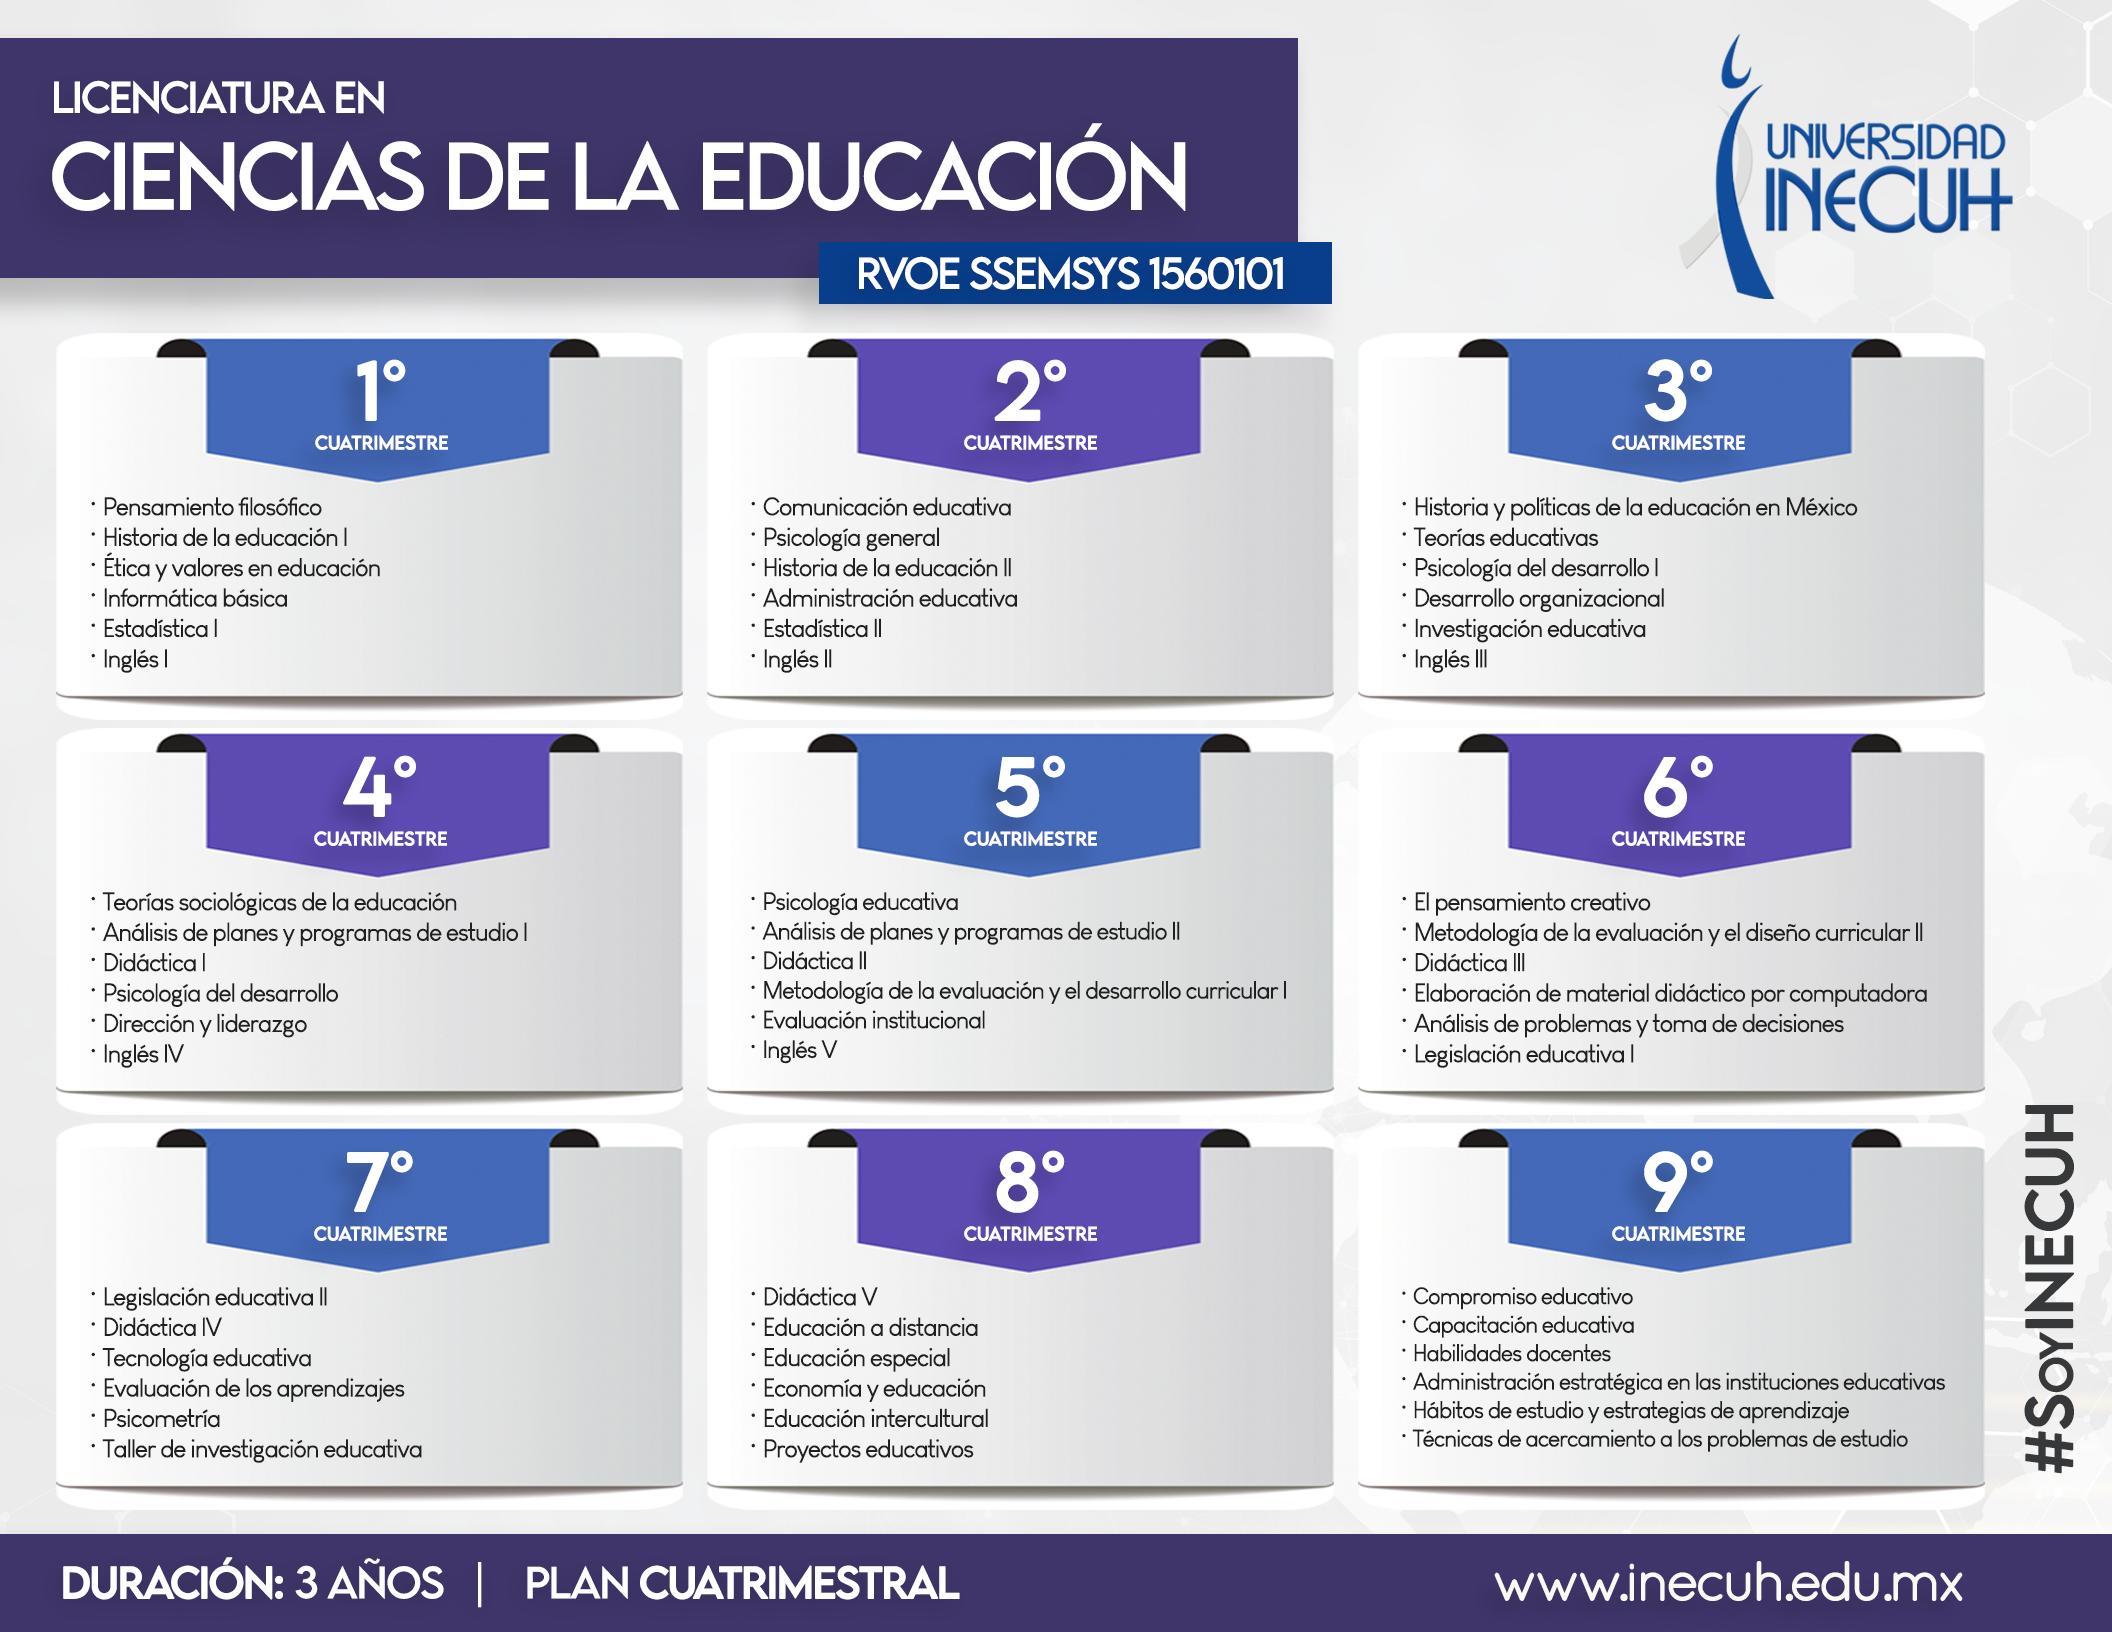 Ciencias de la Educación LIC 1